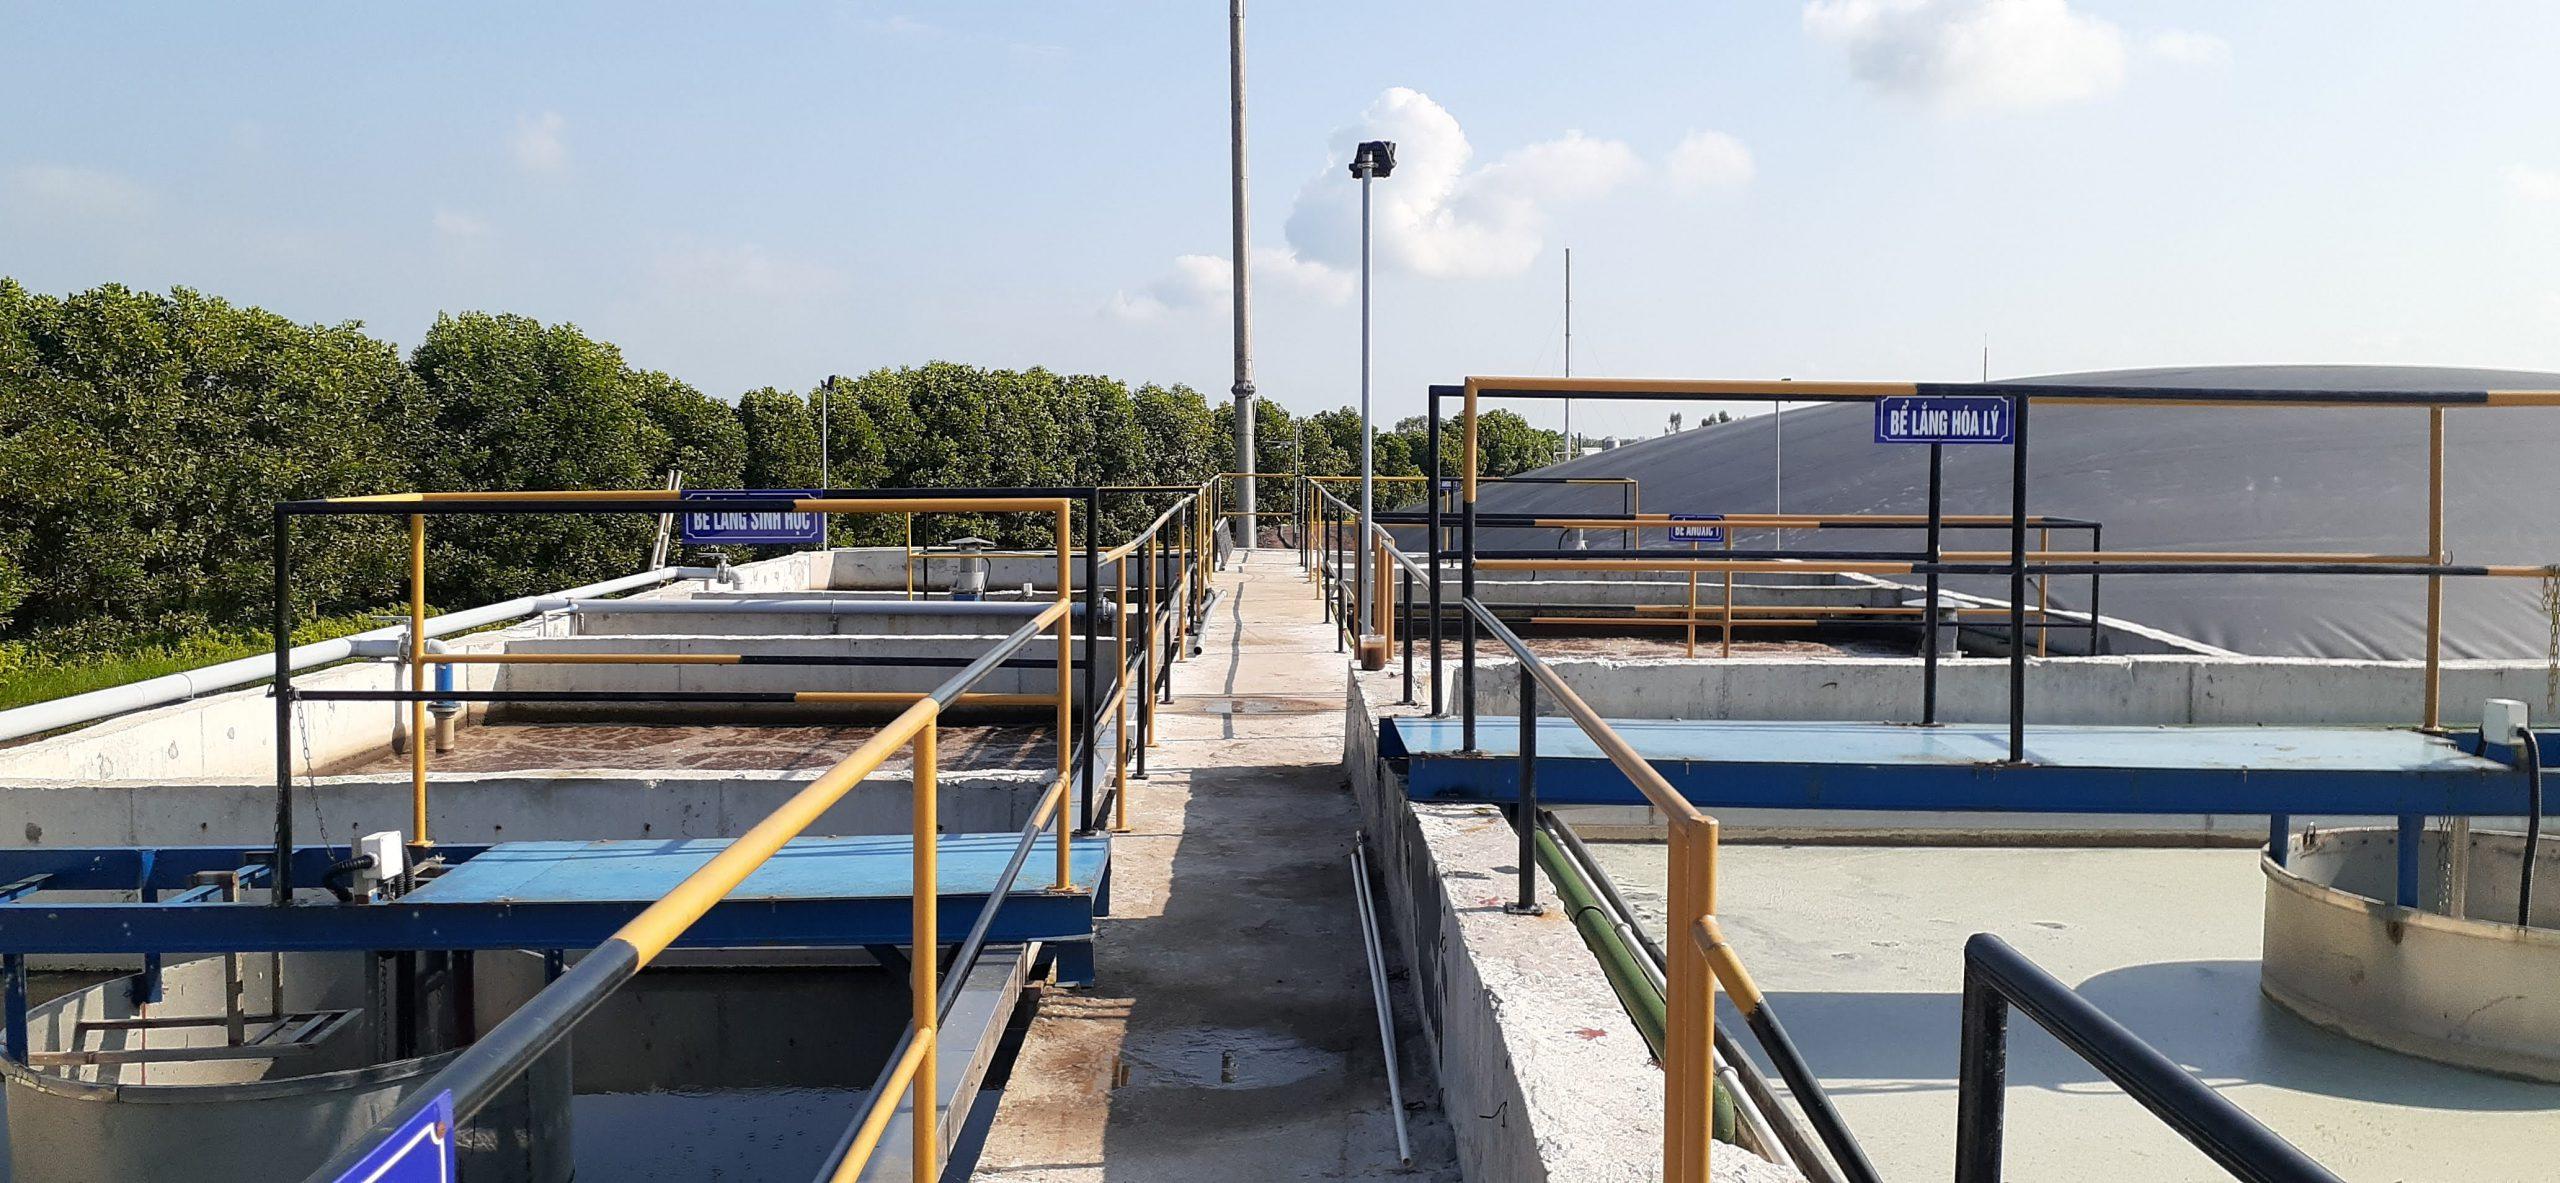 Hình 3. Hệ thống xử lý nước thải chăn nuôi công suất 500 m3/ngày